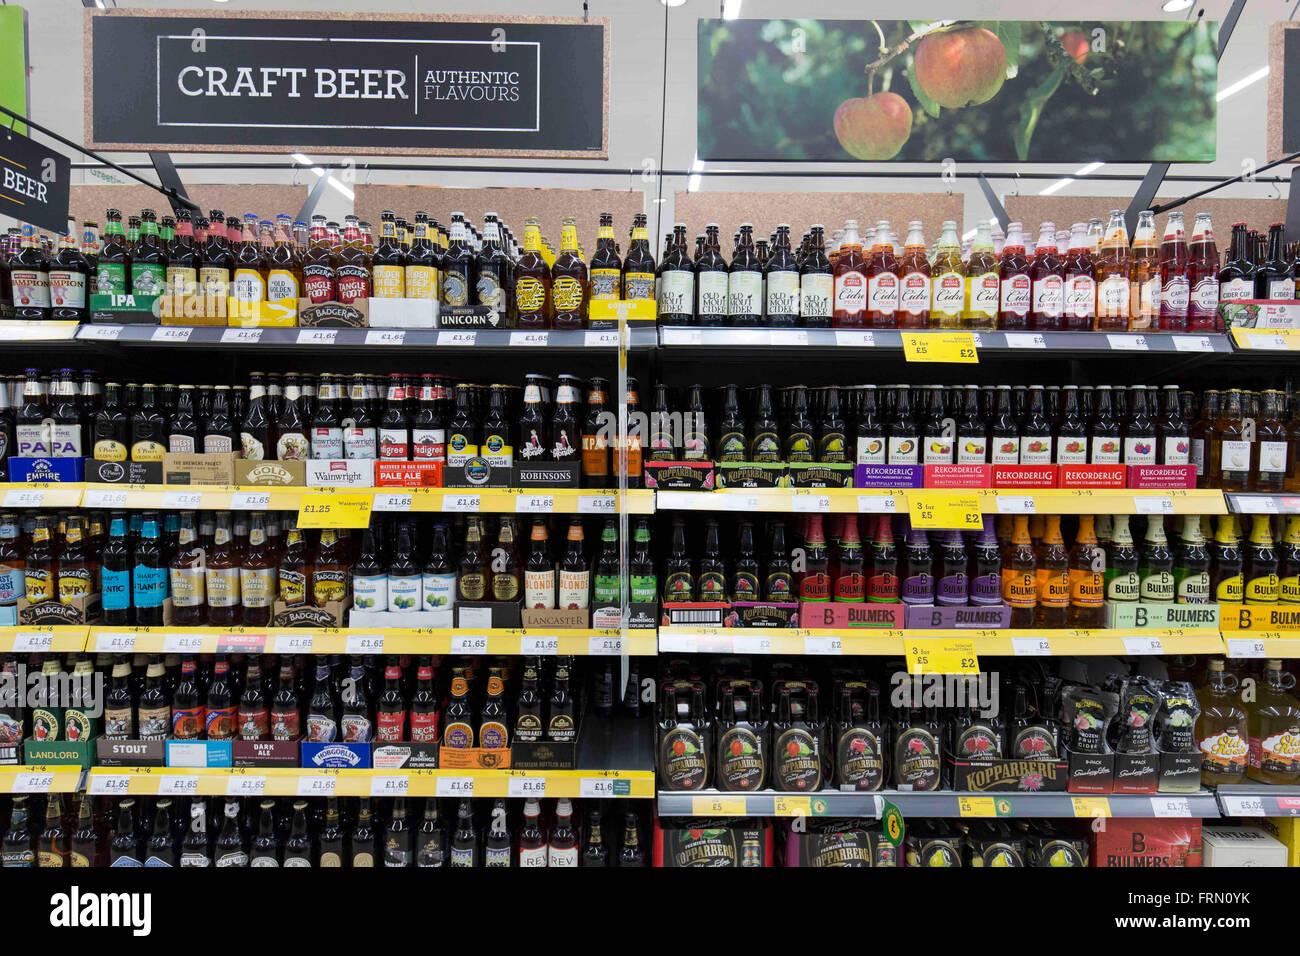 Craft Beers Morrisons